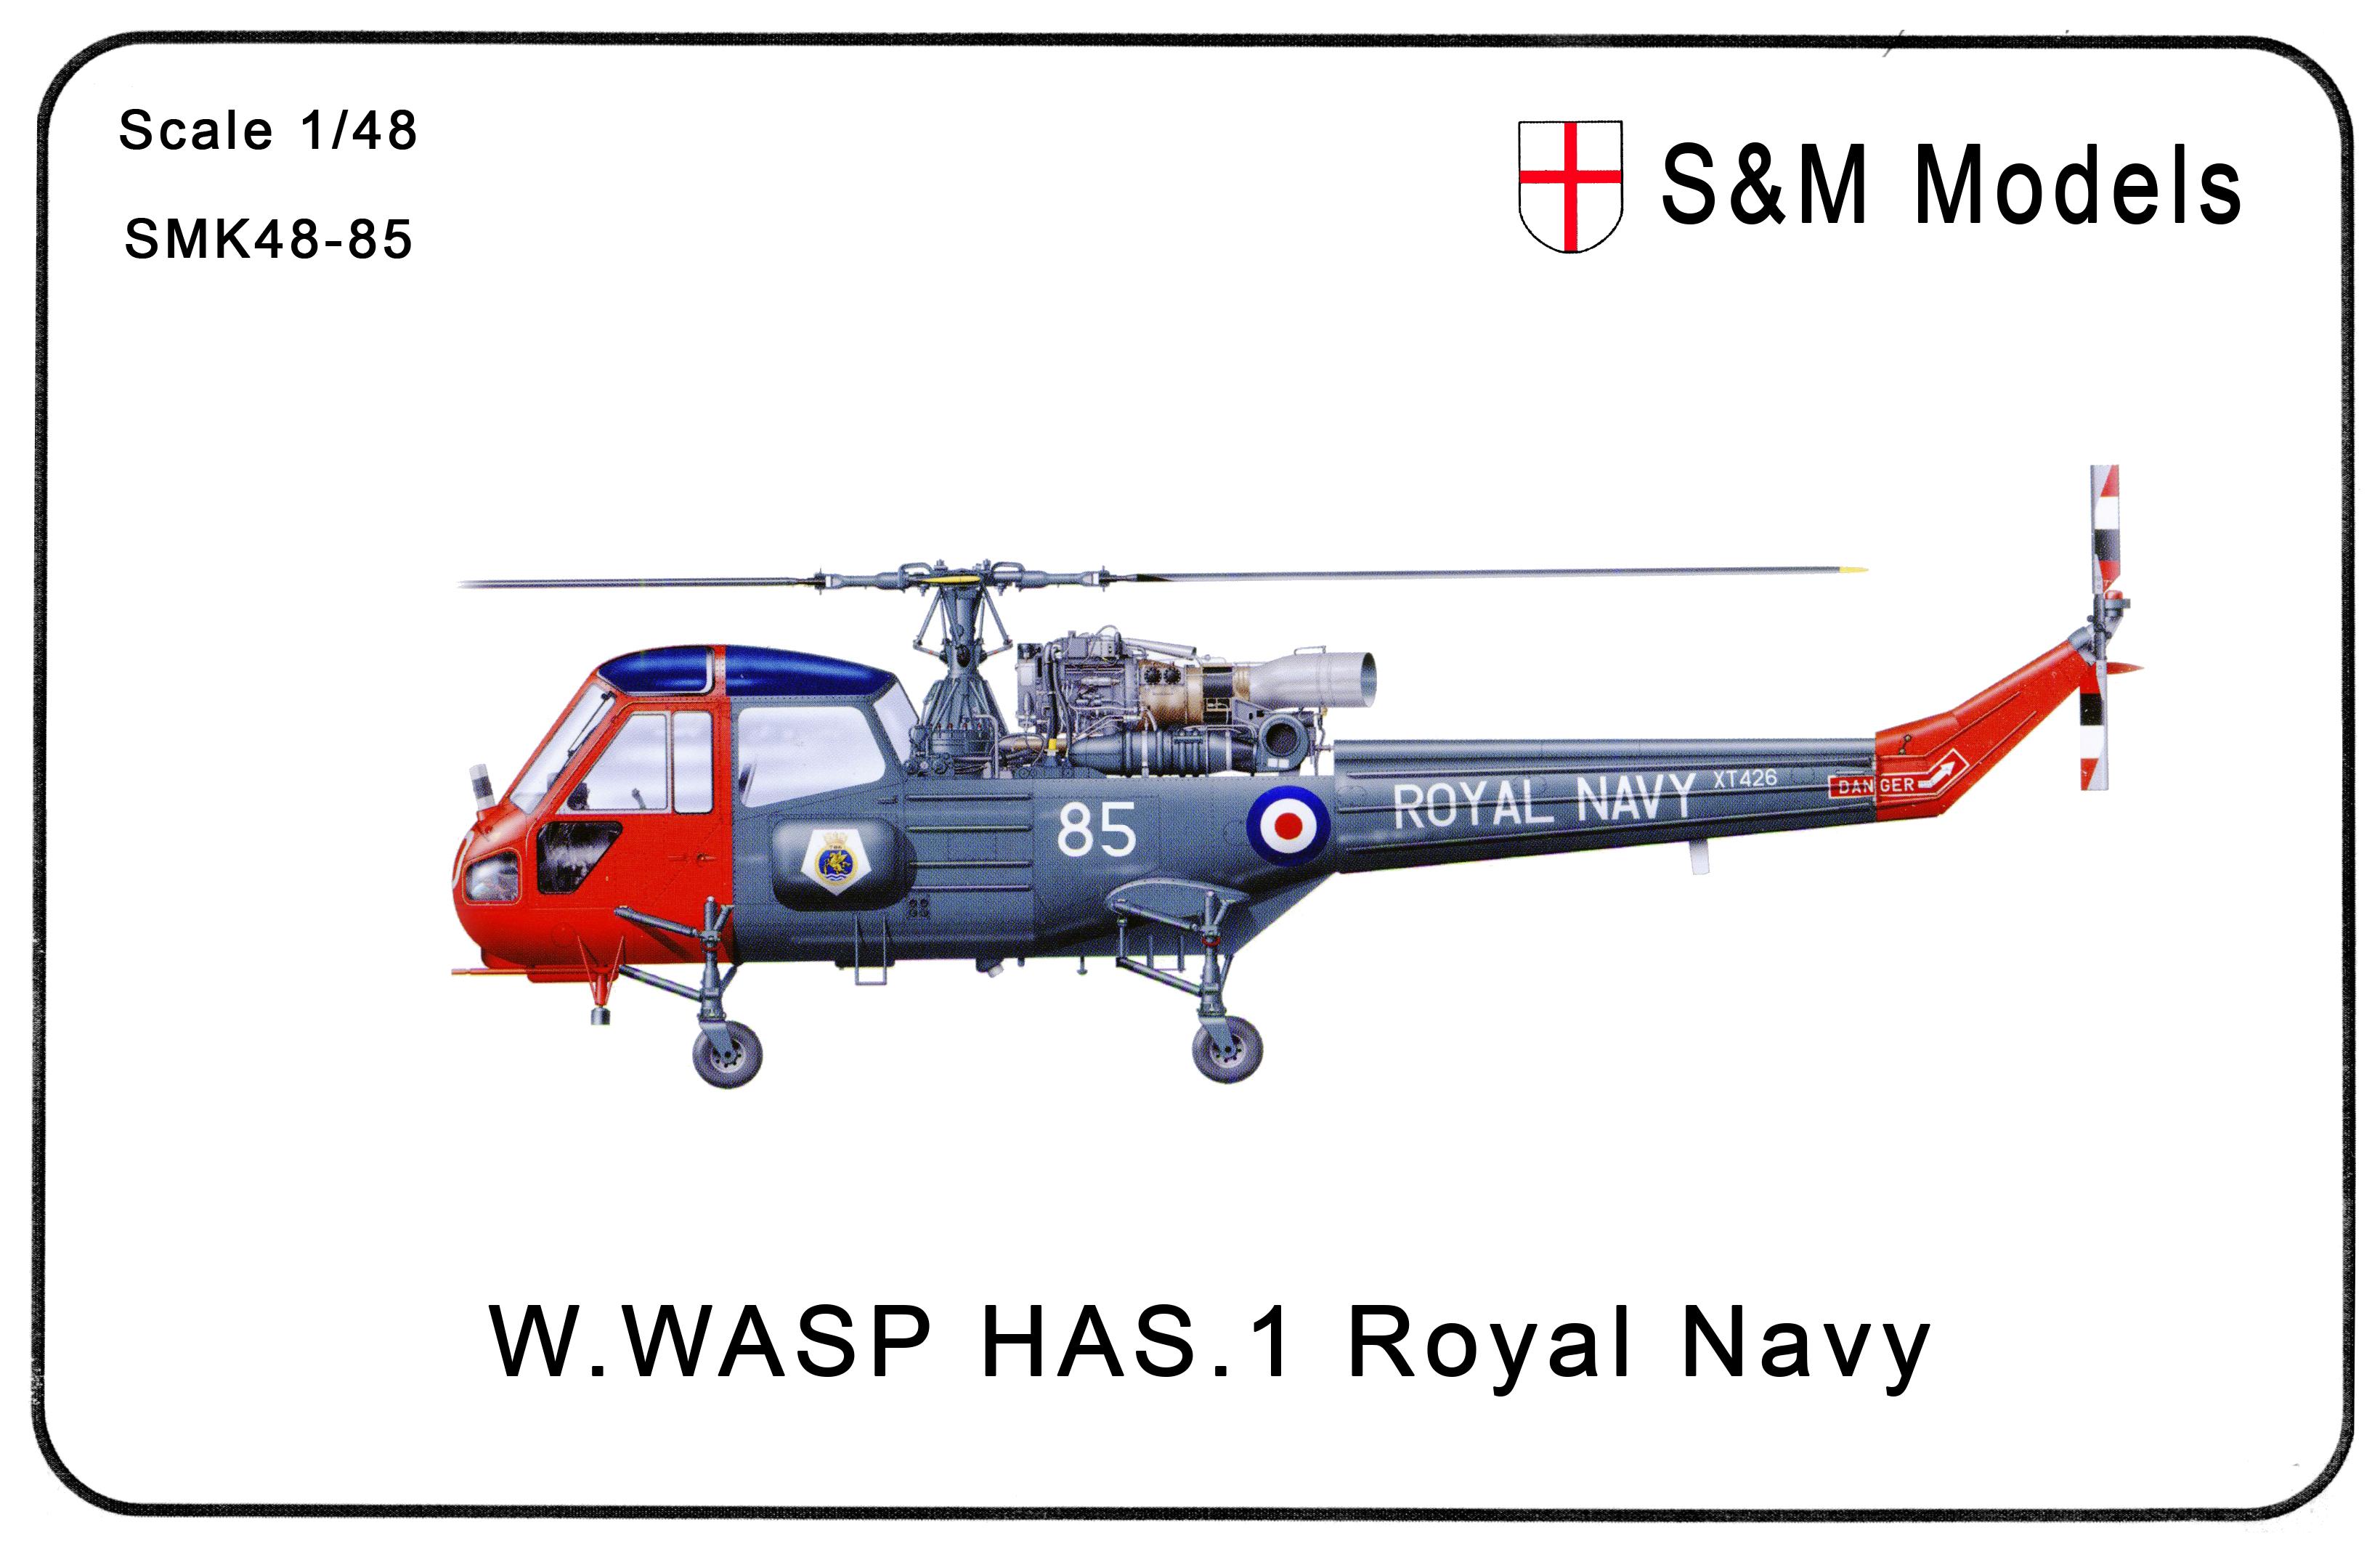 SMK48-85